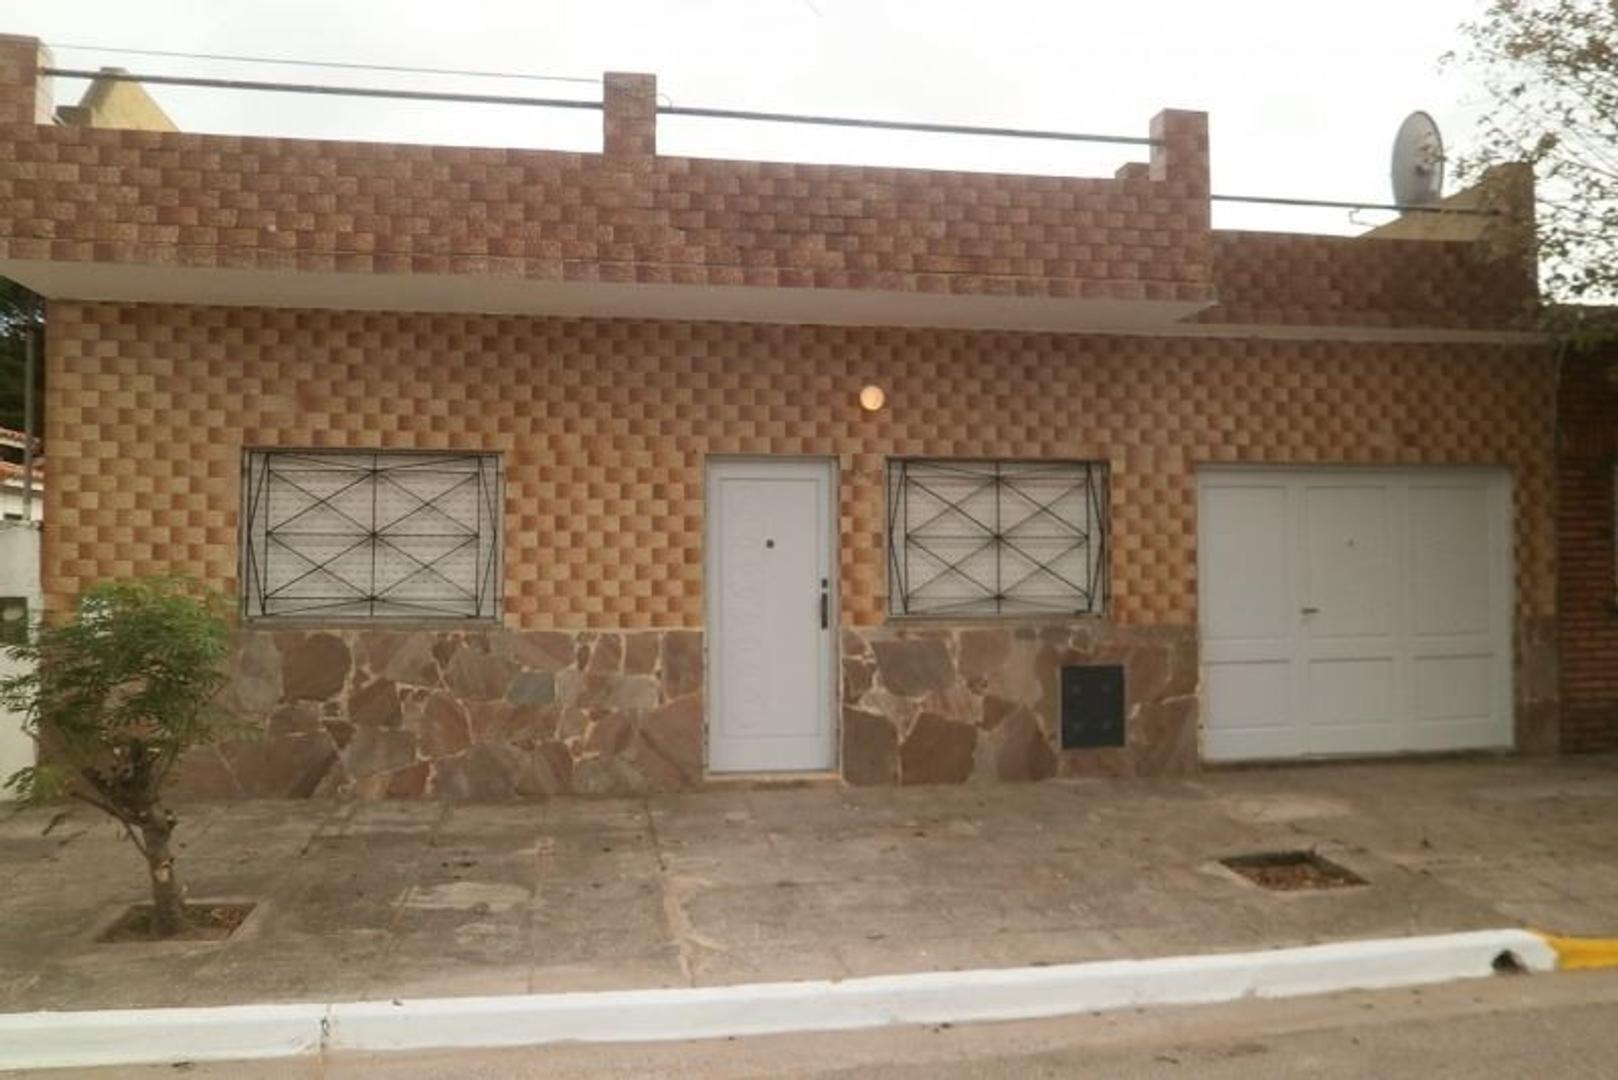 APTO CREDITO. Chalet 3amb solo en lote gas natural garaje cubierto. 2 dormitorios 2 baños. CONSULTE!